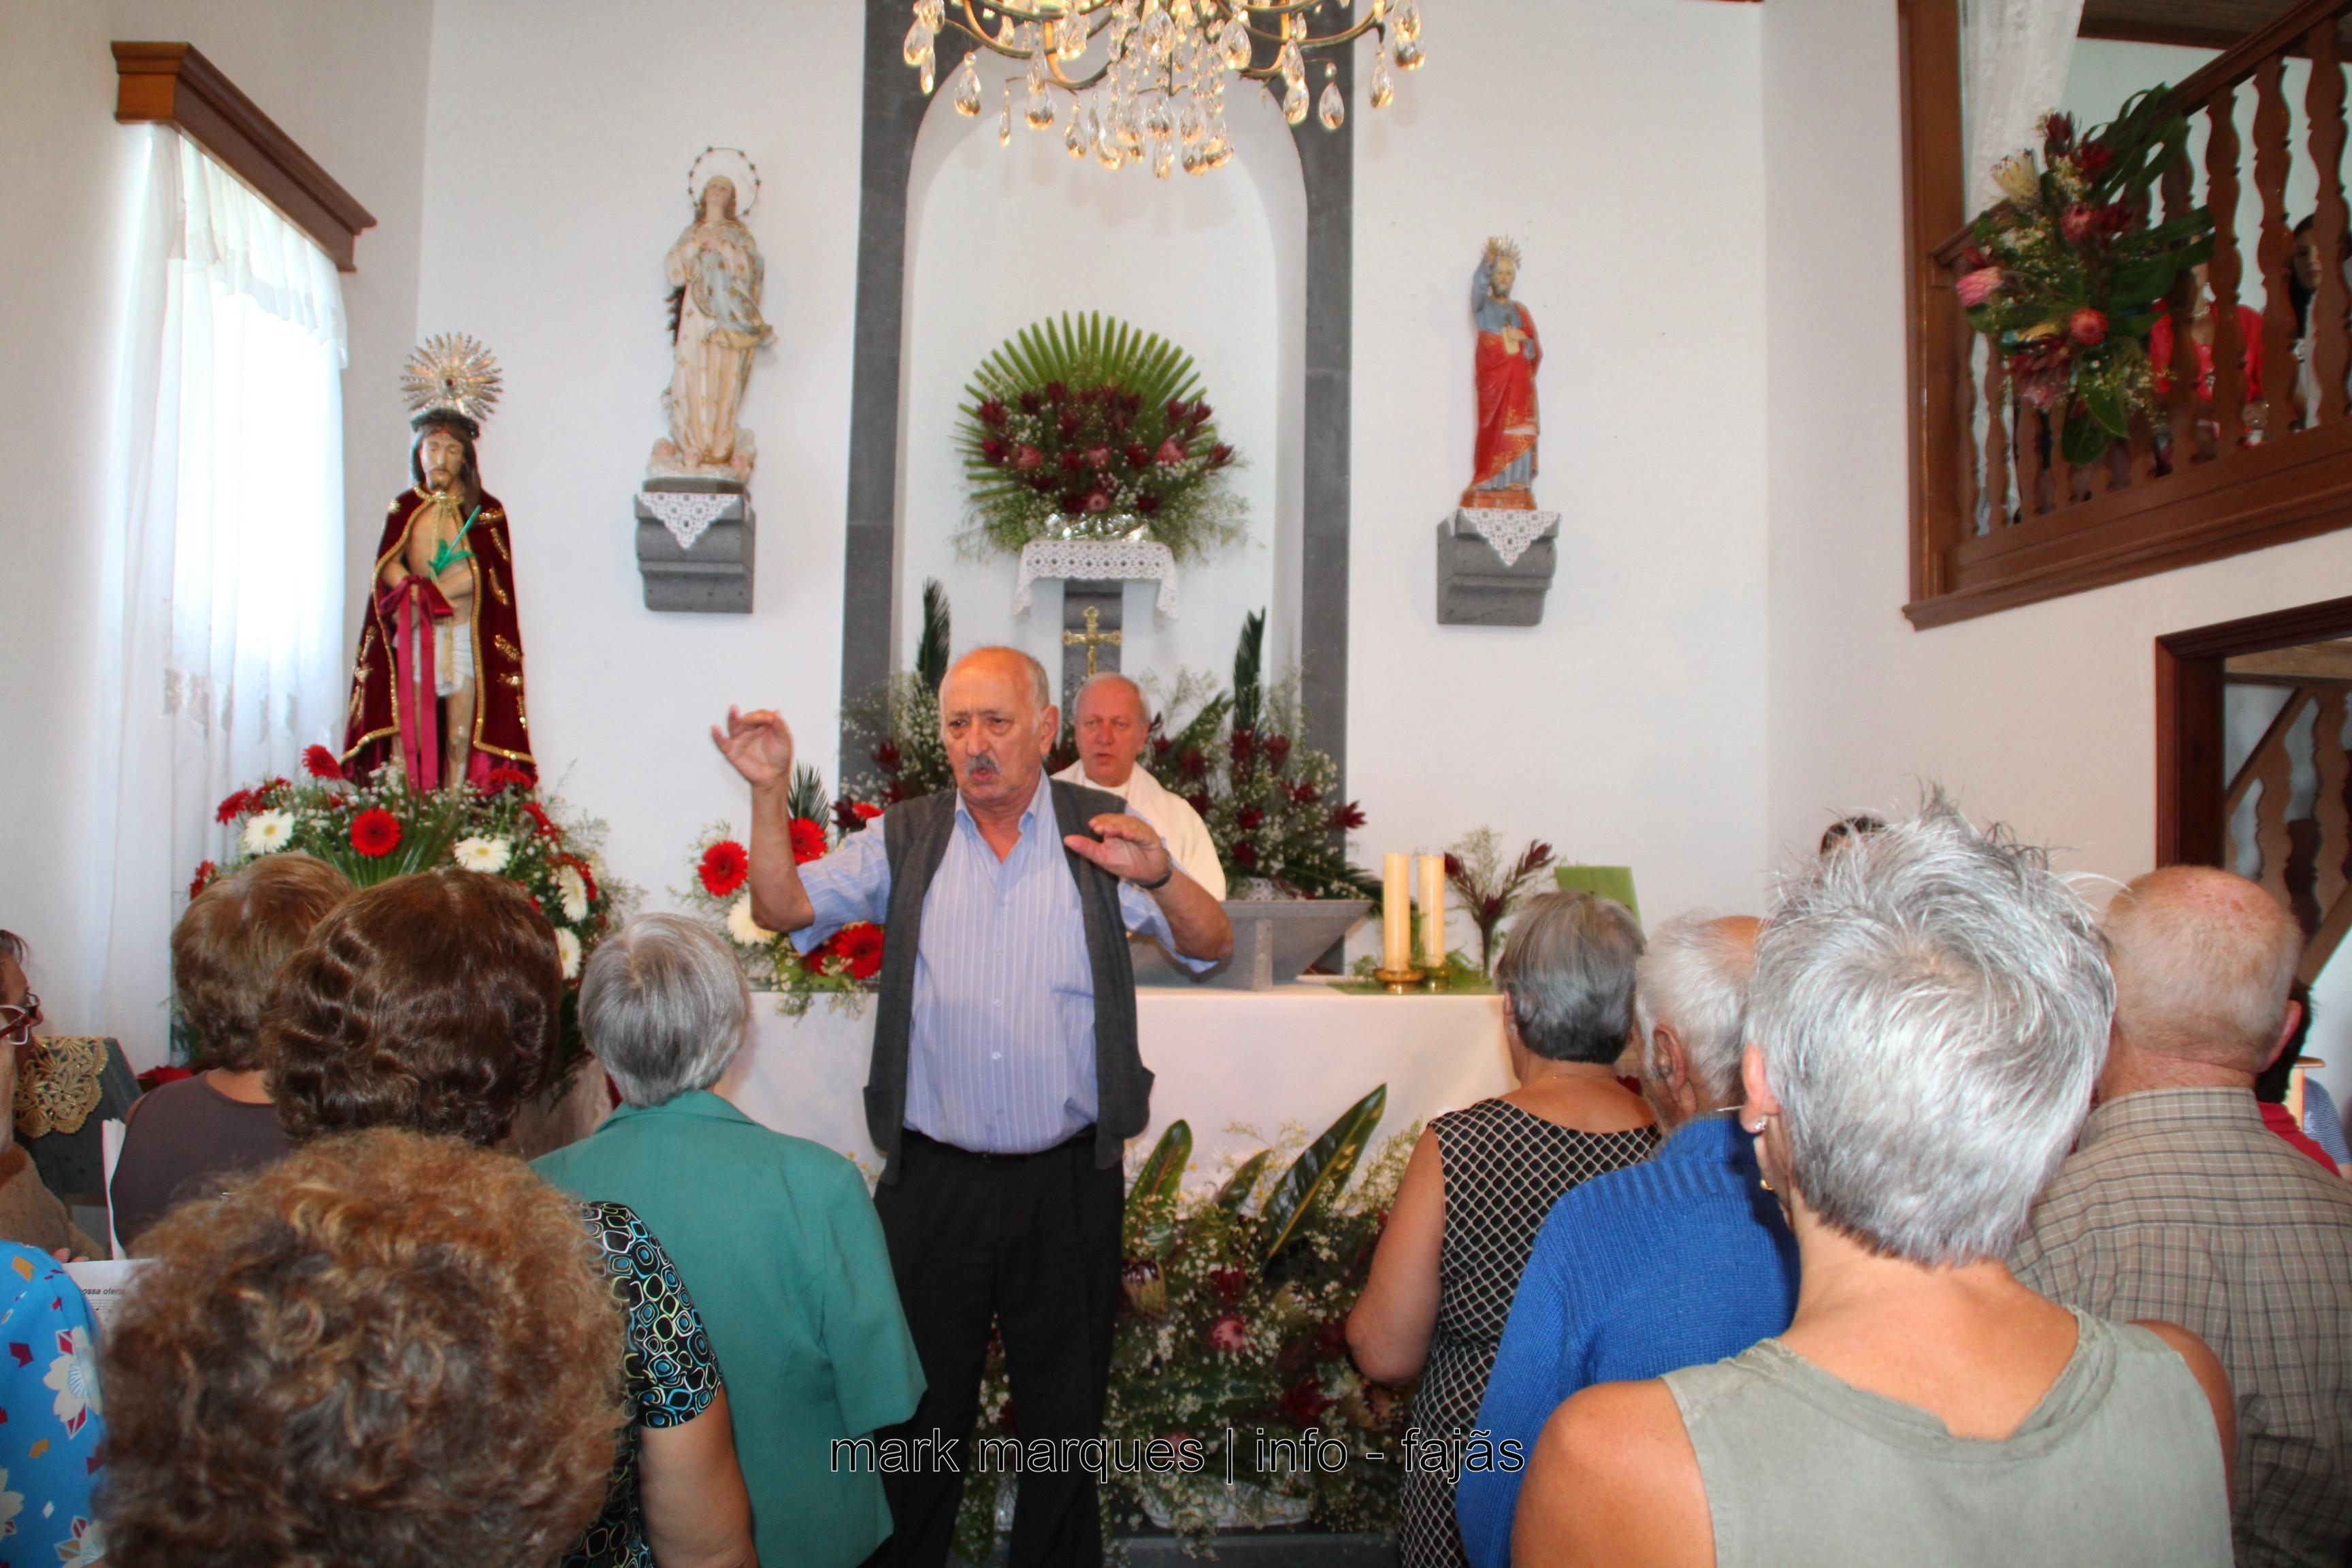 GRUPO CORAL DA CALHETA – FESTA DO BOM JESUS / FAJÃ GRANDE – ILHA DE SÃO JORGE (c/ vídeo)